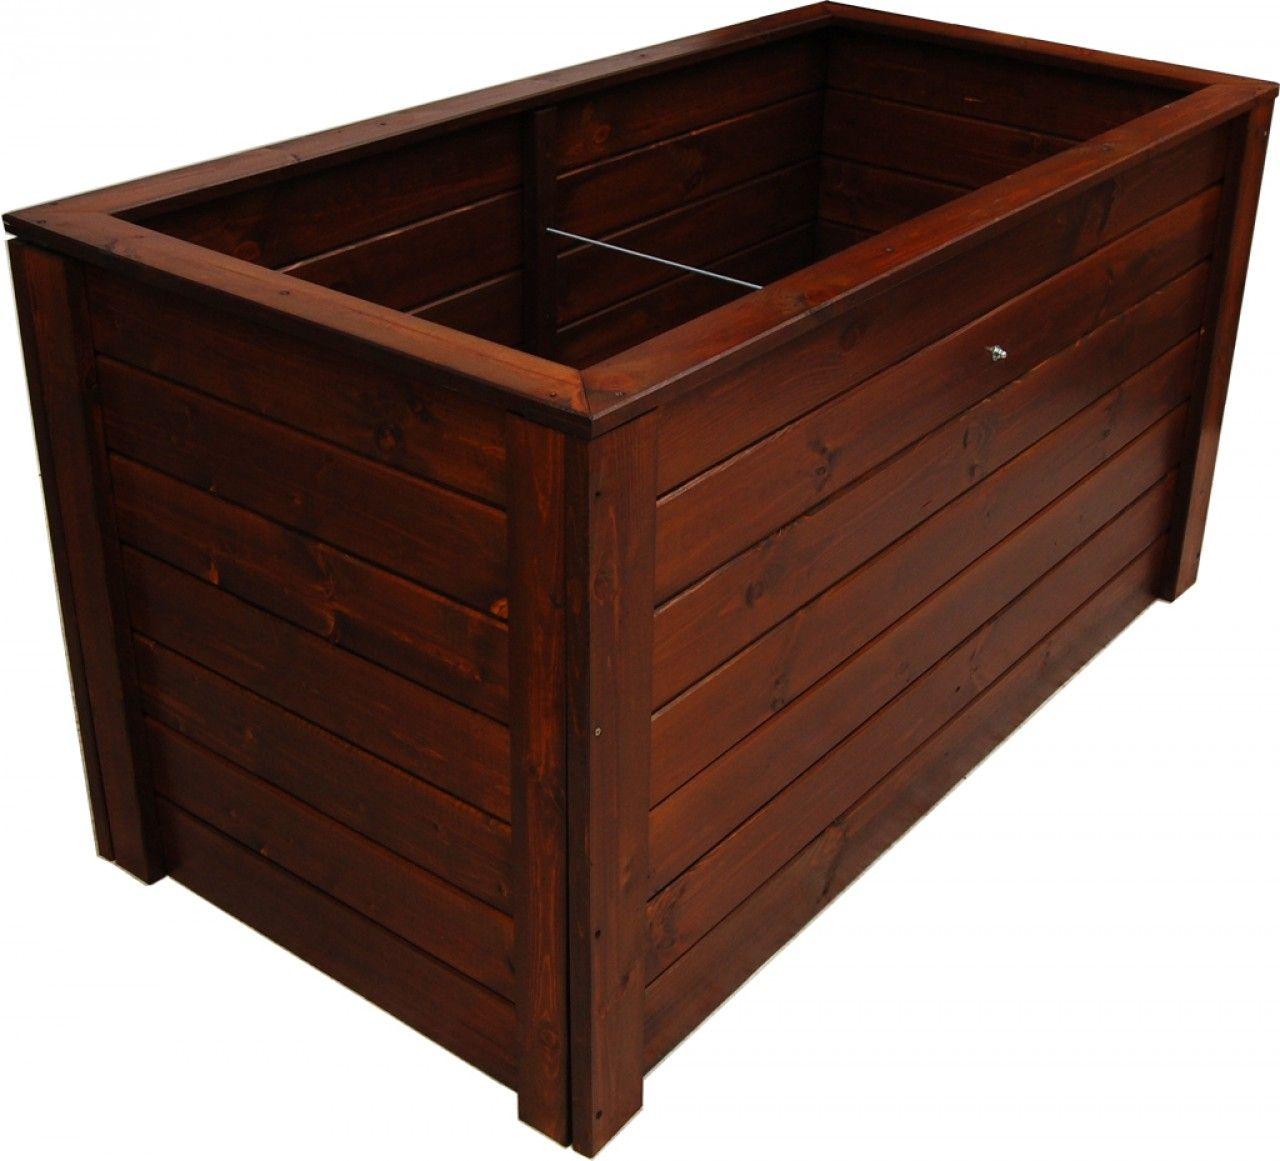 Donica Drewniana 1500x790 Mm Lakier Braz Outdoor Storage Box Outdoor Storage Outdoor Decor